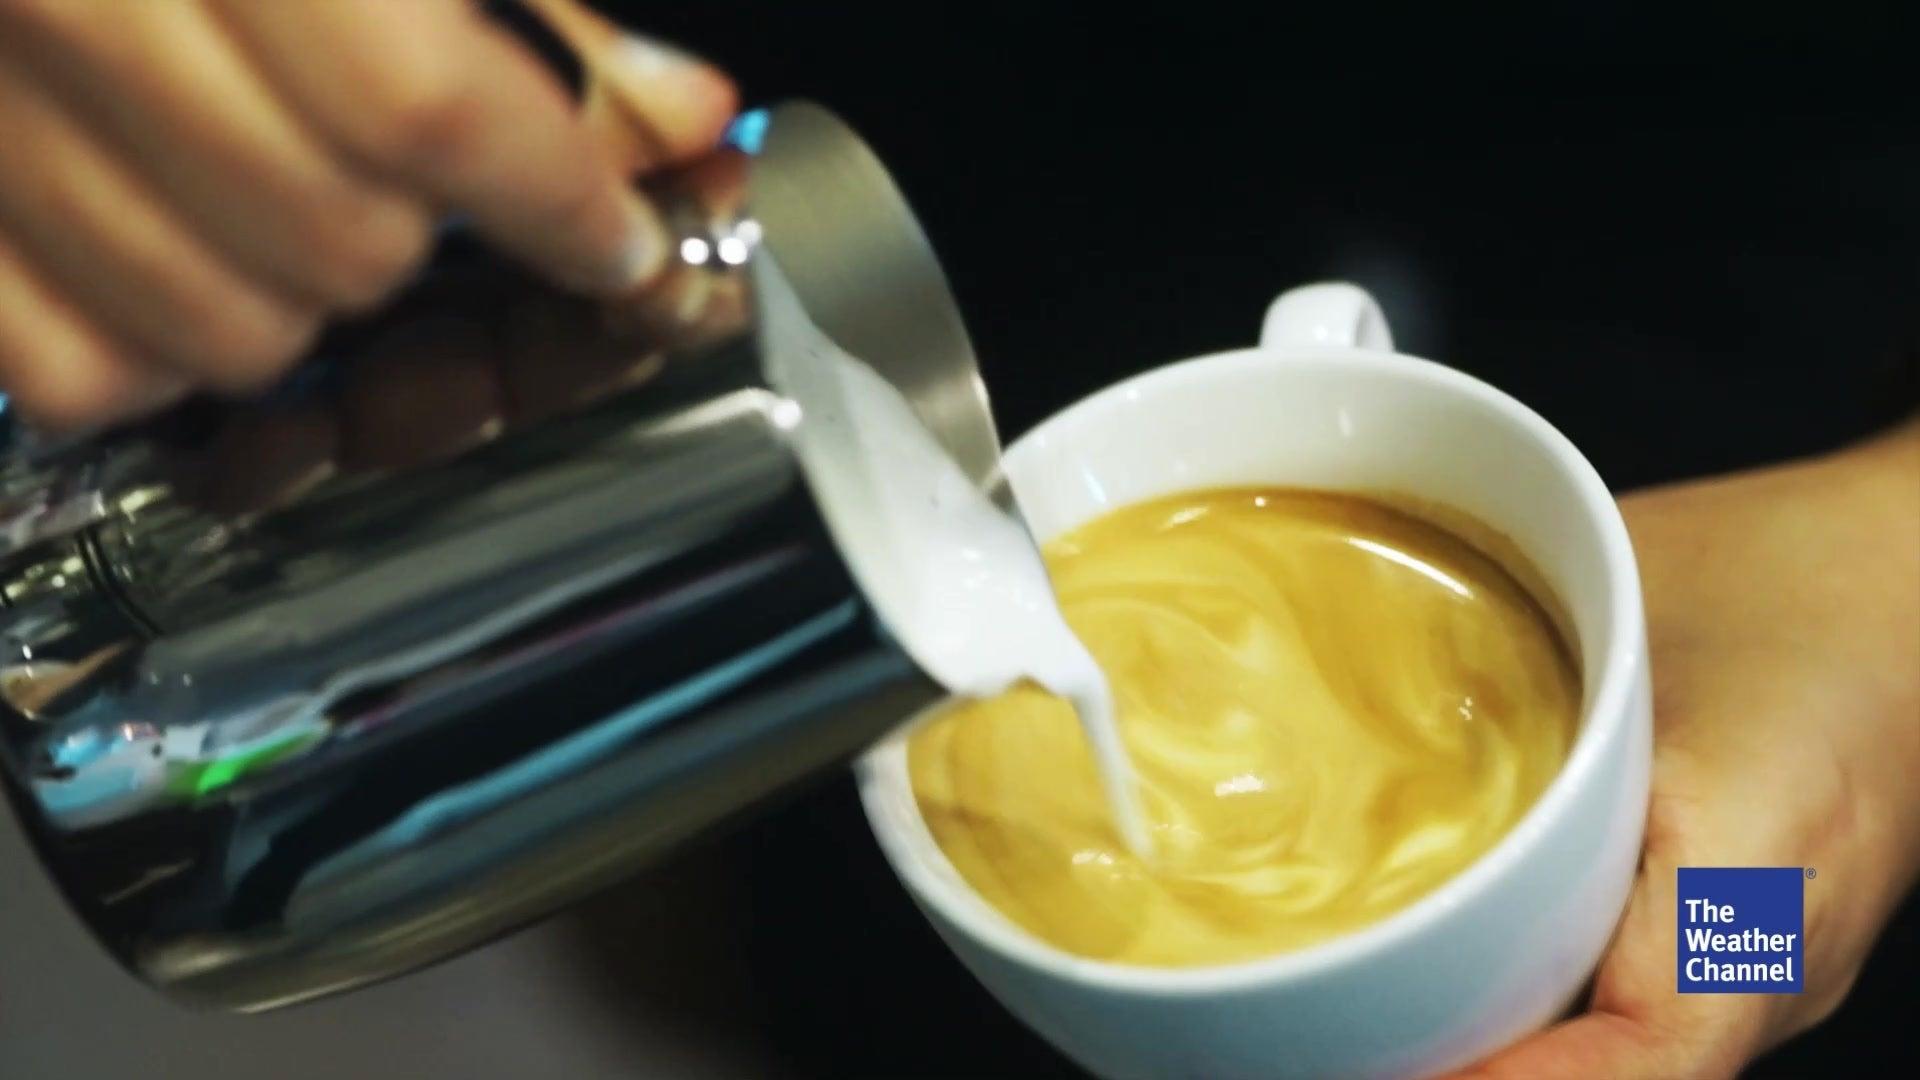 Mundgeruch durch Kaffee: So vermeiden Sie unangenehmen Atem